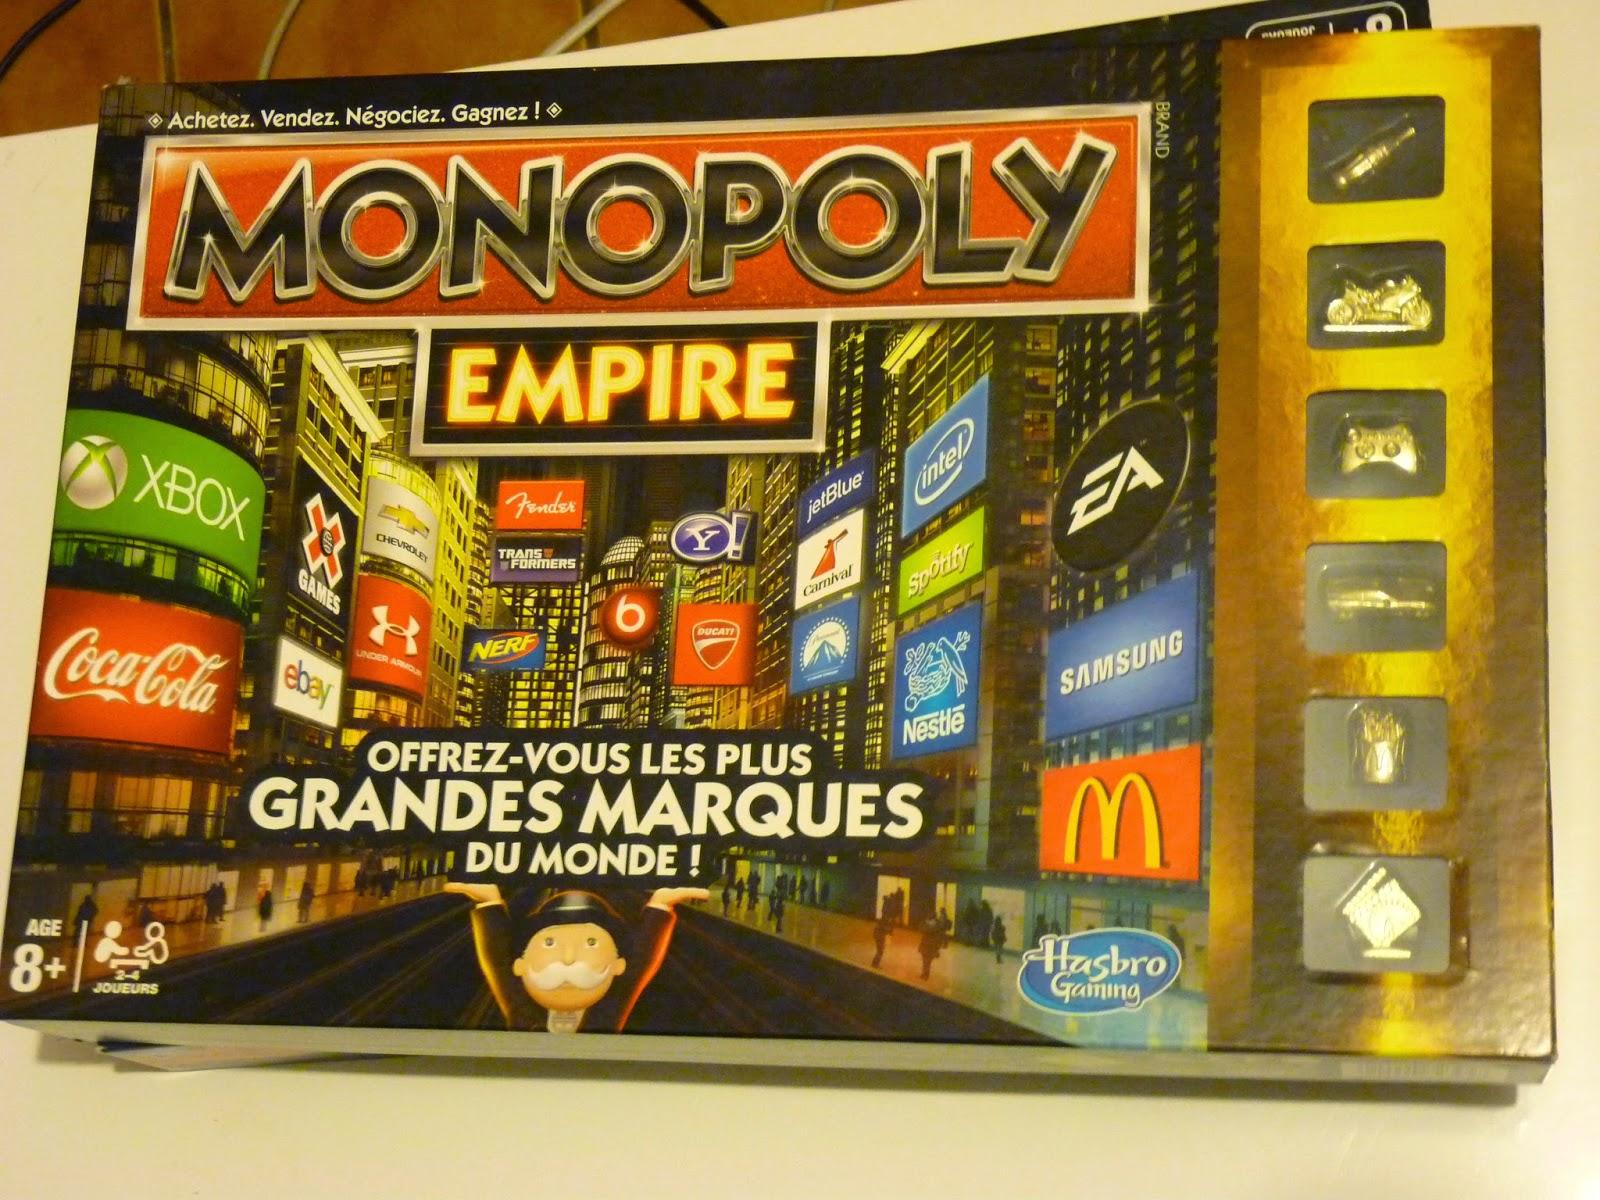 monopoly empire, jeux vidéo, jeux marque, jeux connu, s'occuper, week end pluvieux